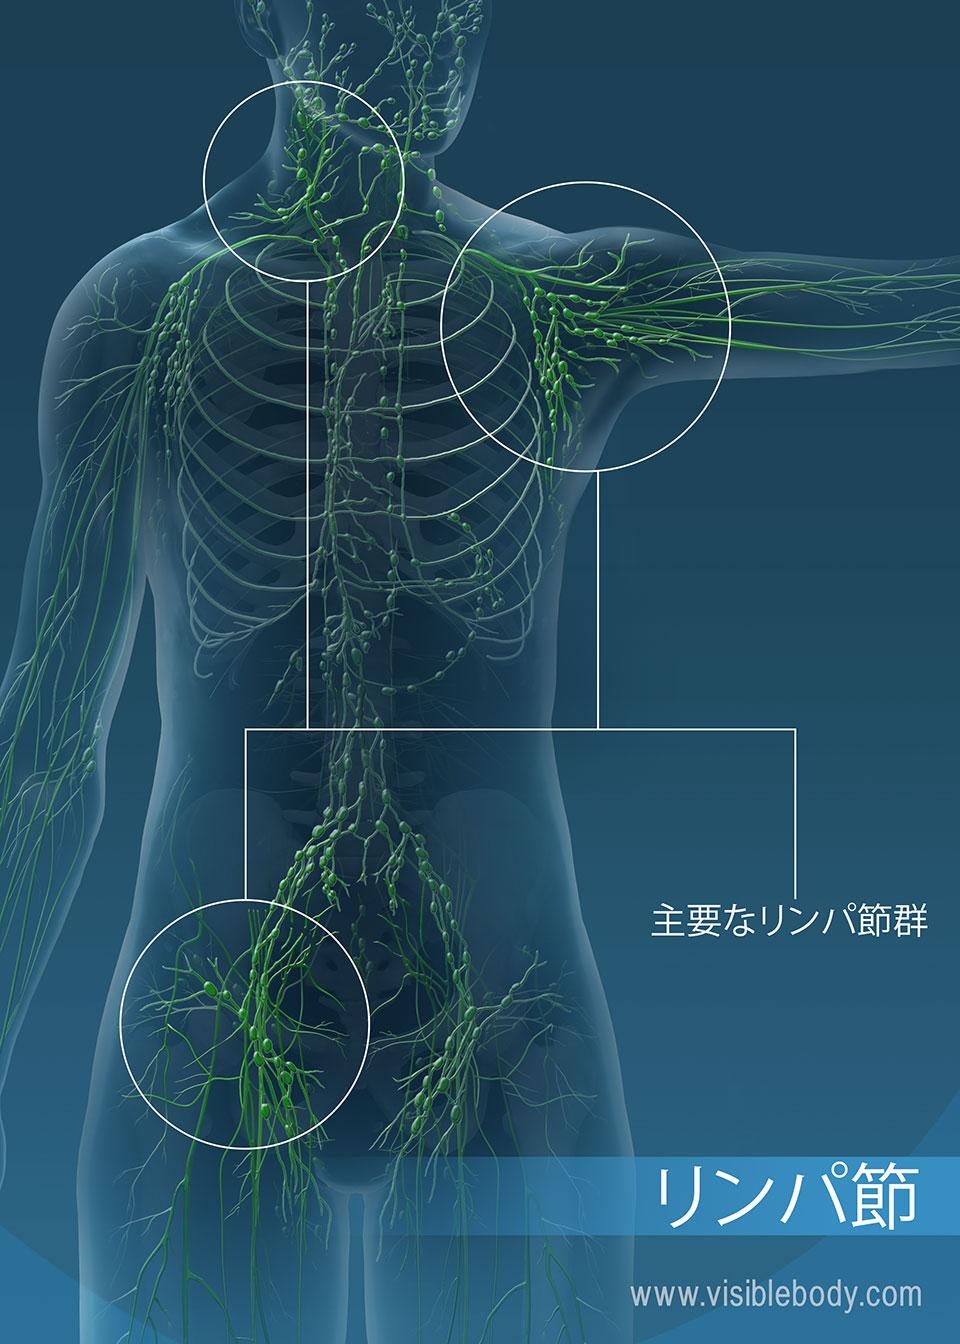 リンパ節は、不必要な物質をリンパからろ過するのを助けます。